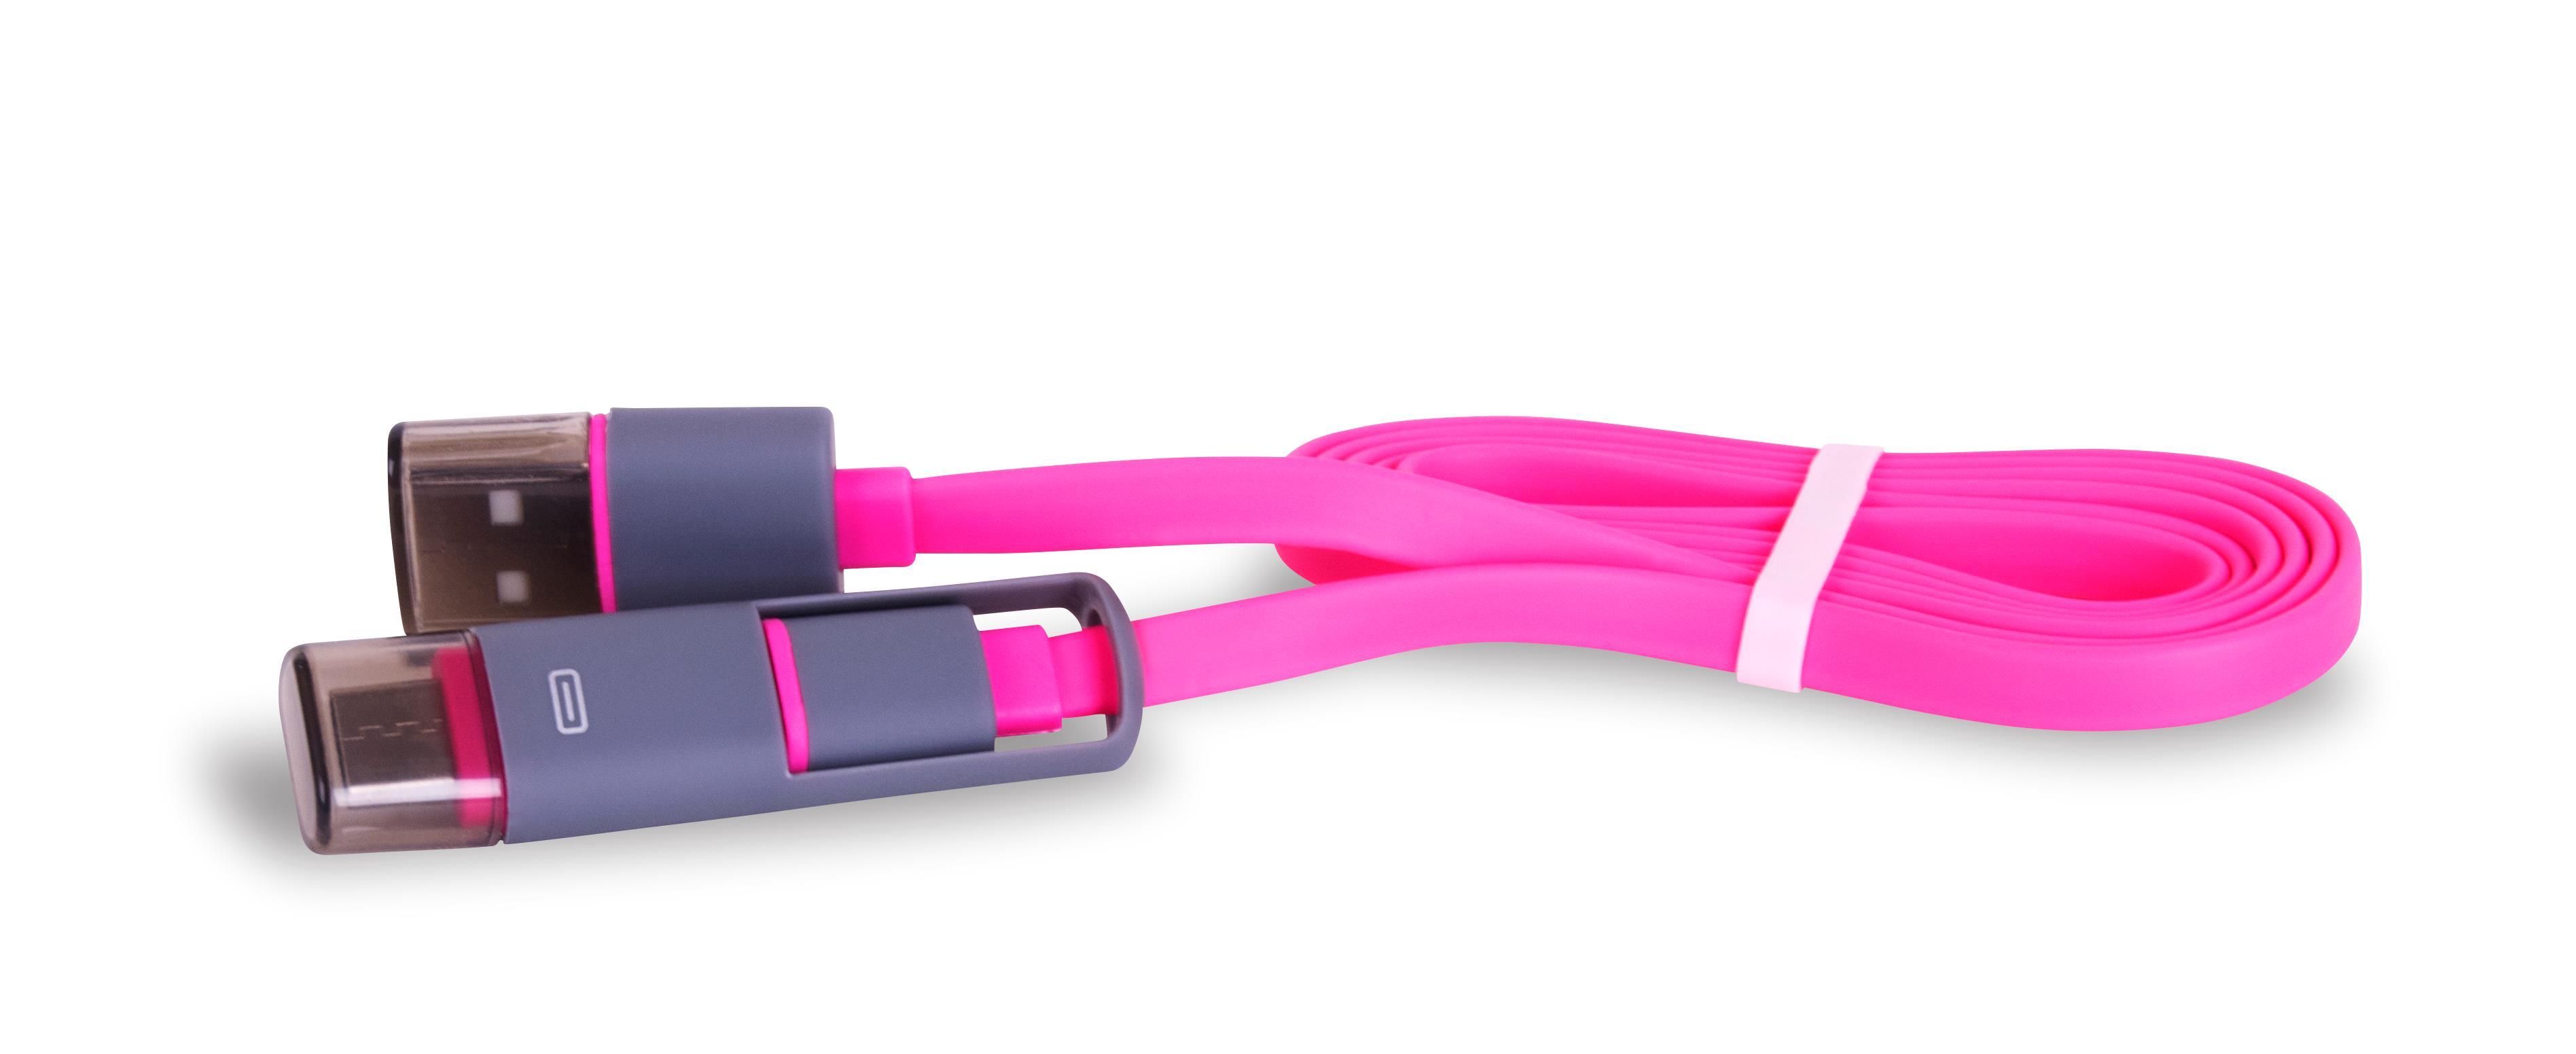 DATOVÝ KABEL USB 3.1 C-TYPE / microUSB 1M COMFORT PLOCHÝ - RŮŽOVÝ